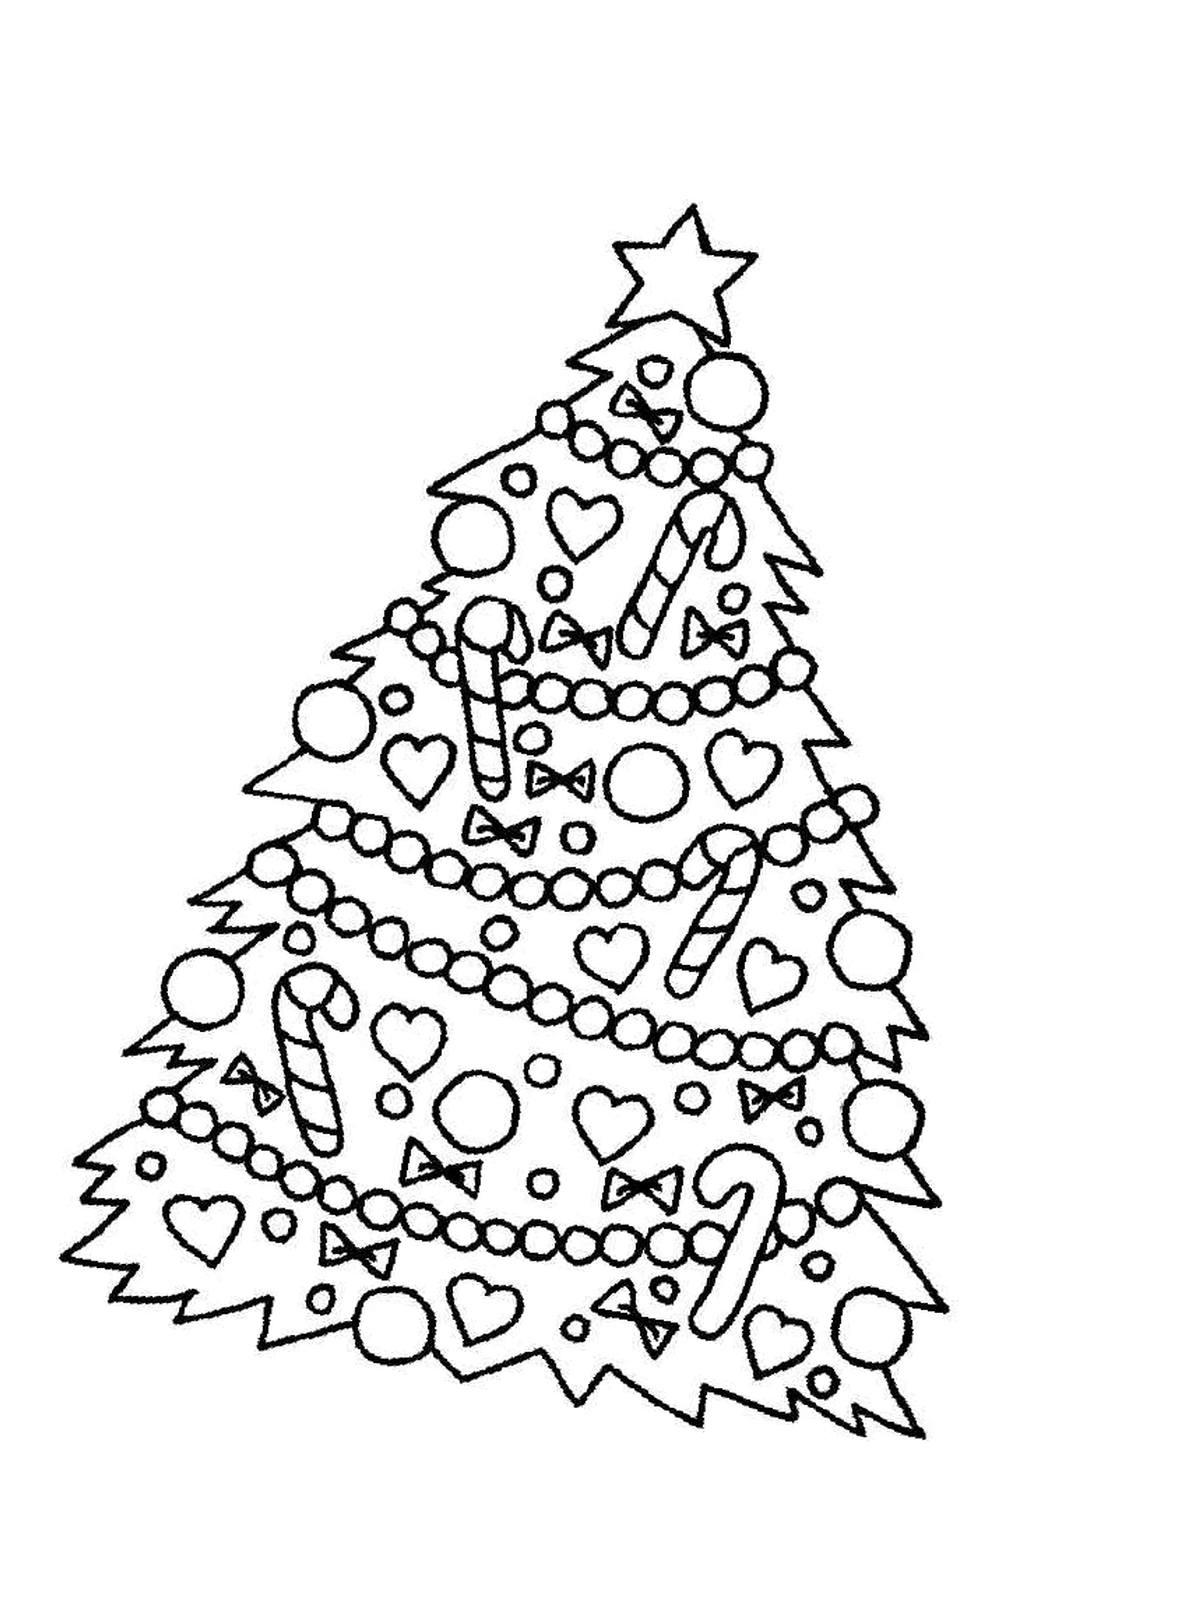 Ausmalbilder, Malvorlagen Von Weihnachten Kostenlos Zum bei Ausmalbilder Zu Weihnachten